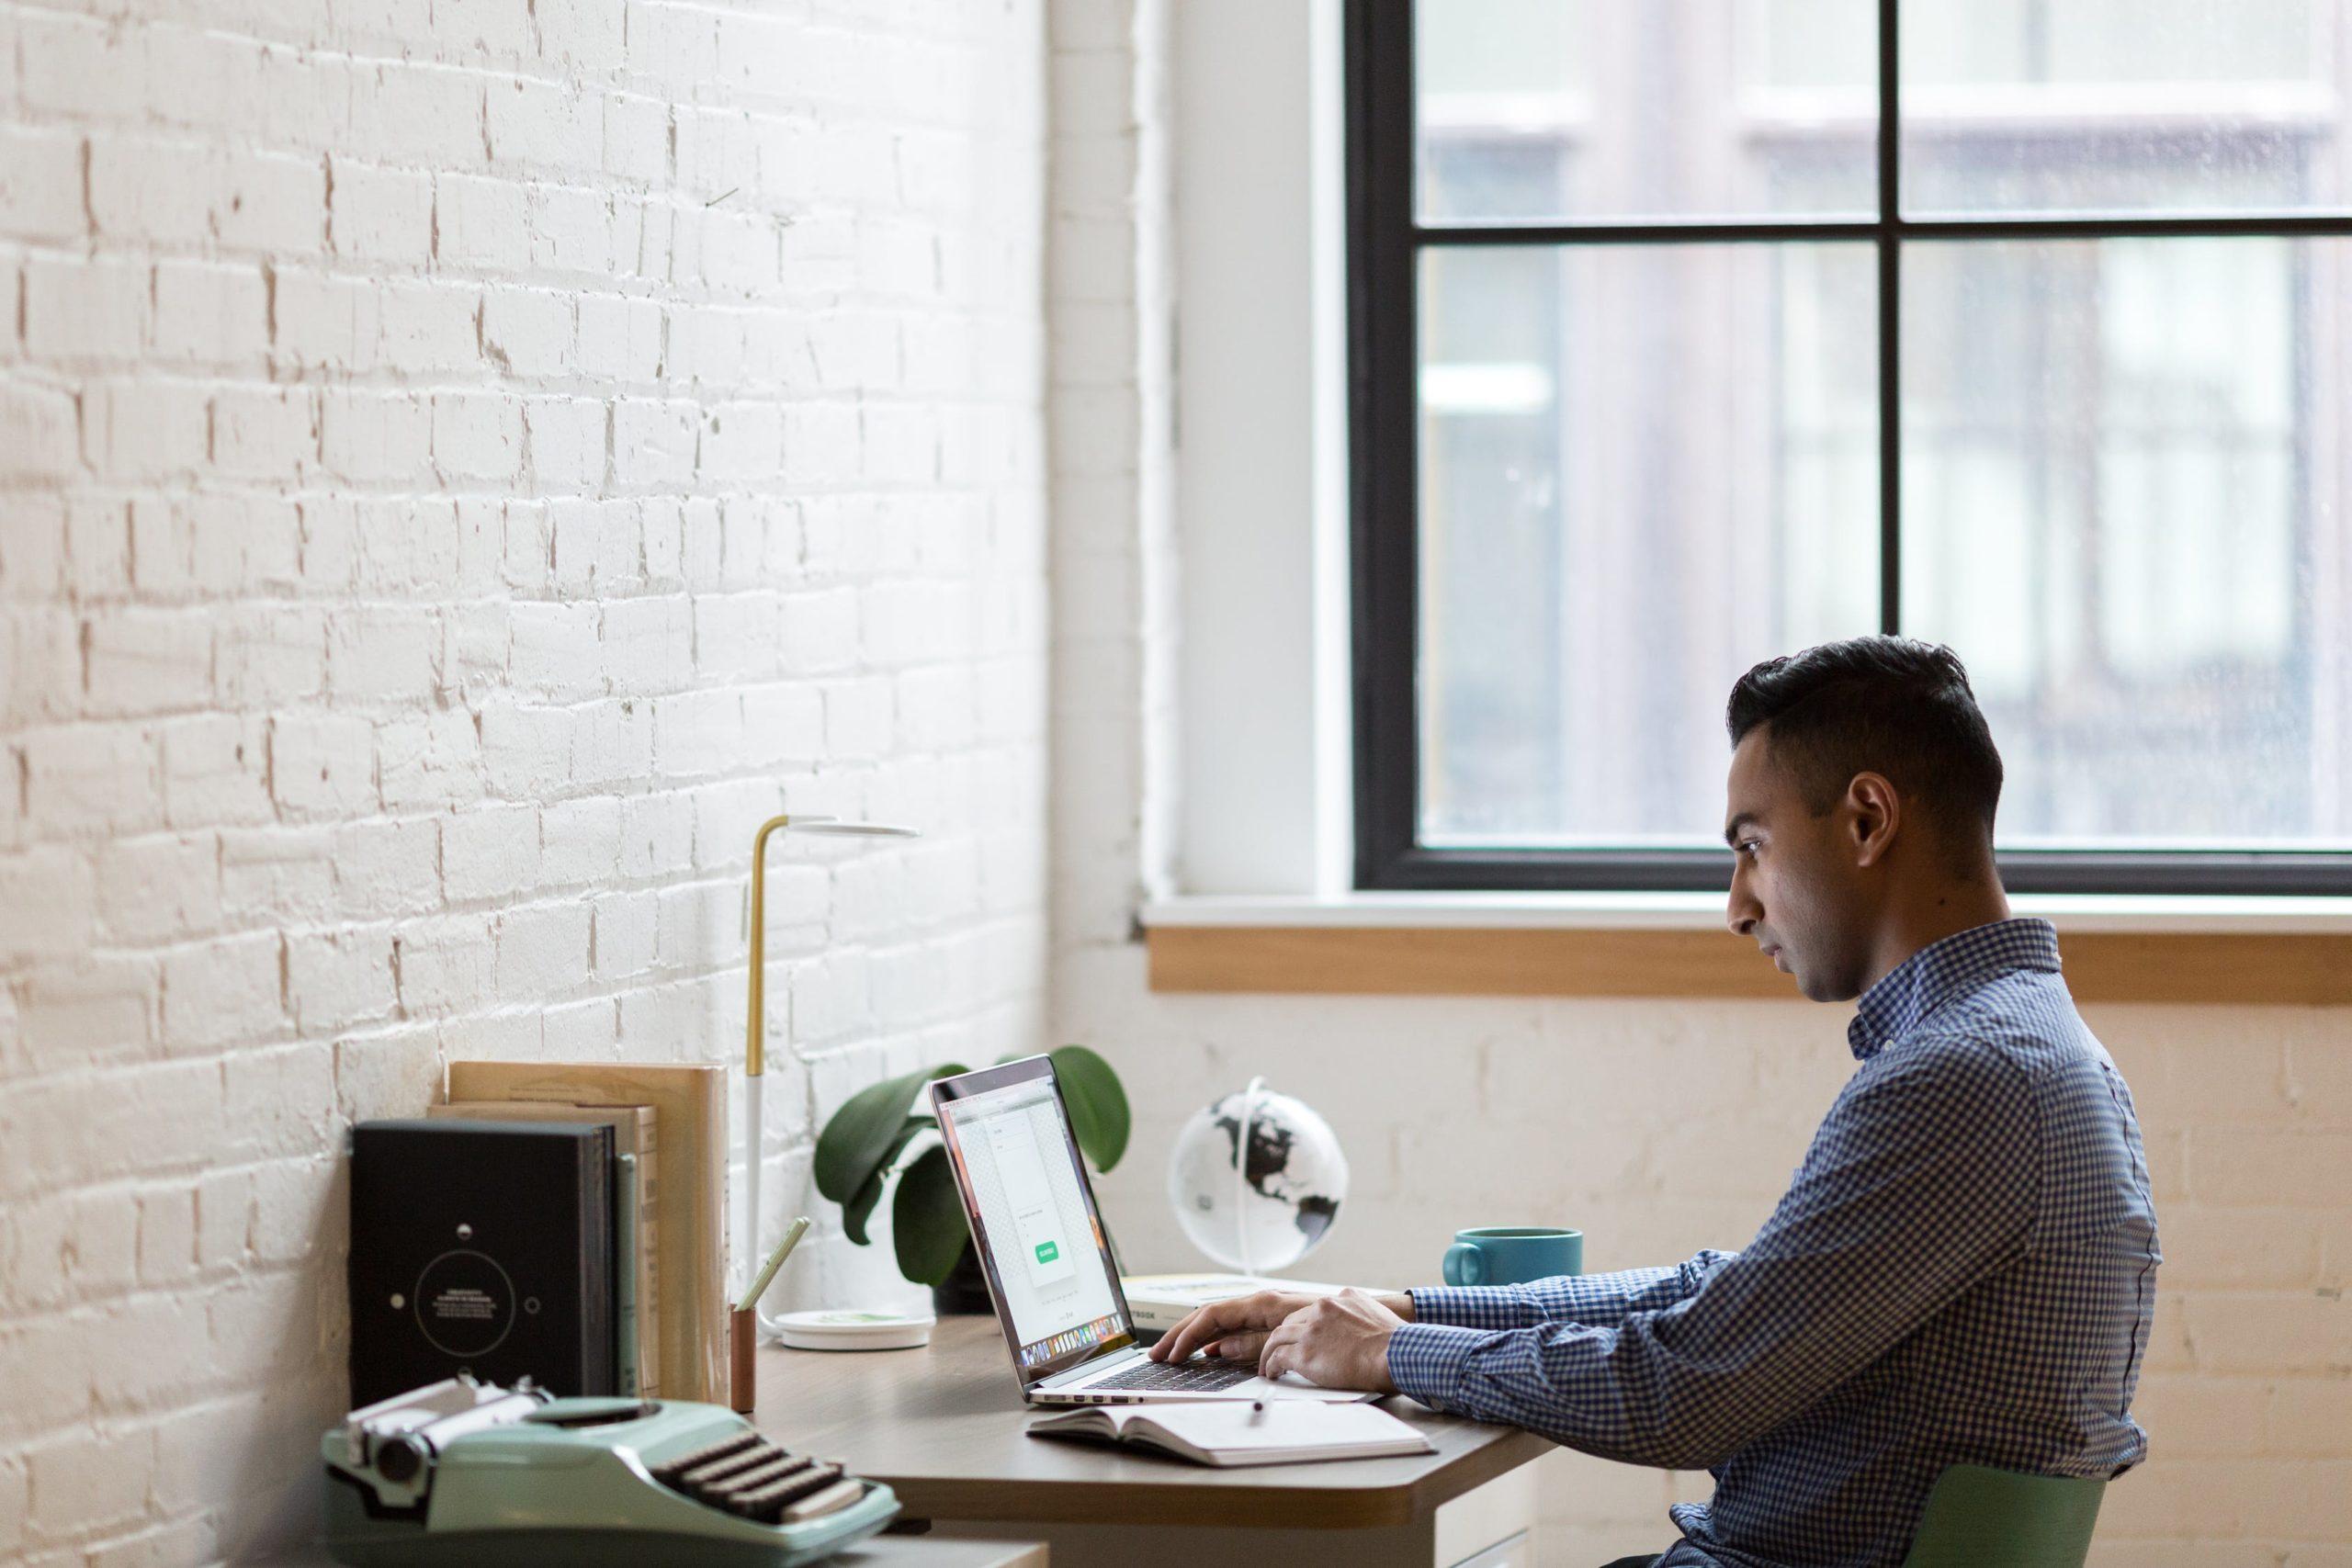 Иностранные студенты смогут работать вовремя учебы вРоссии